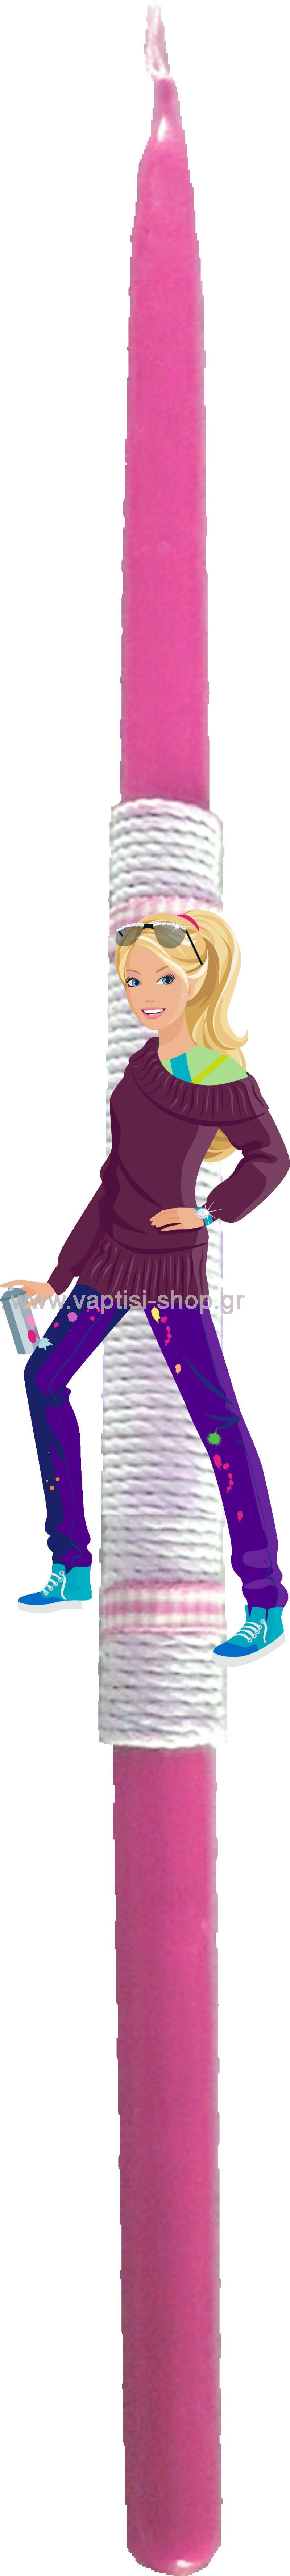 Πασχαλινή Λαμπάδα Barbie